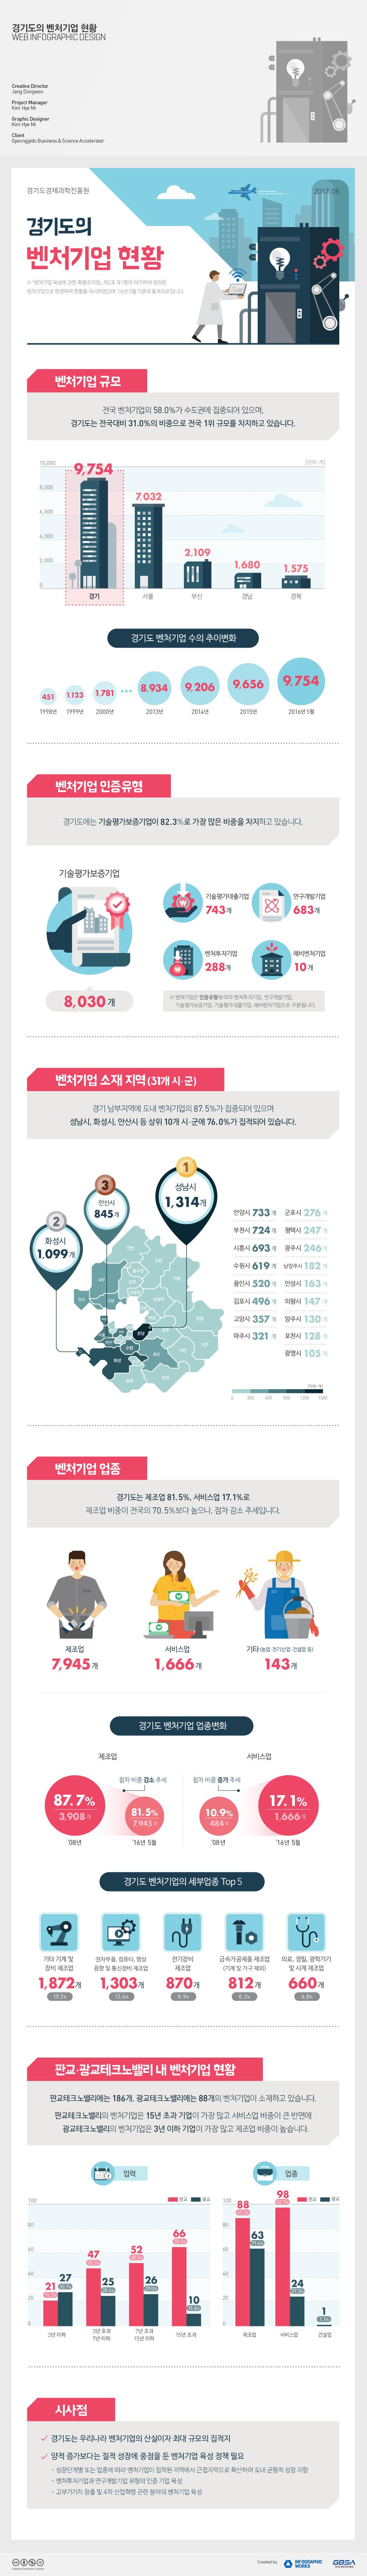 경기도의-벤처기업현황-홈페이지-업로드용